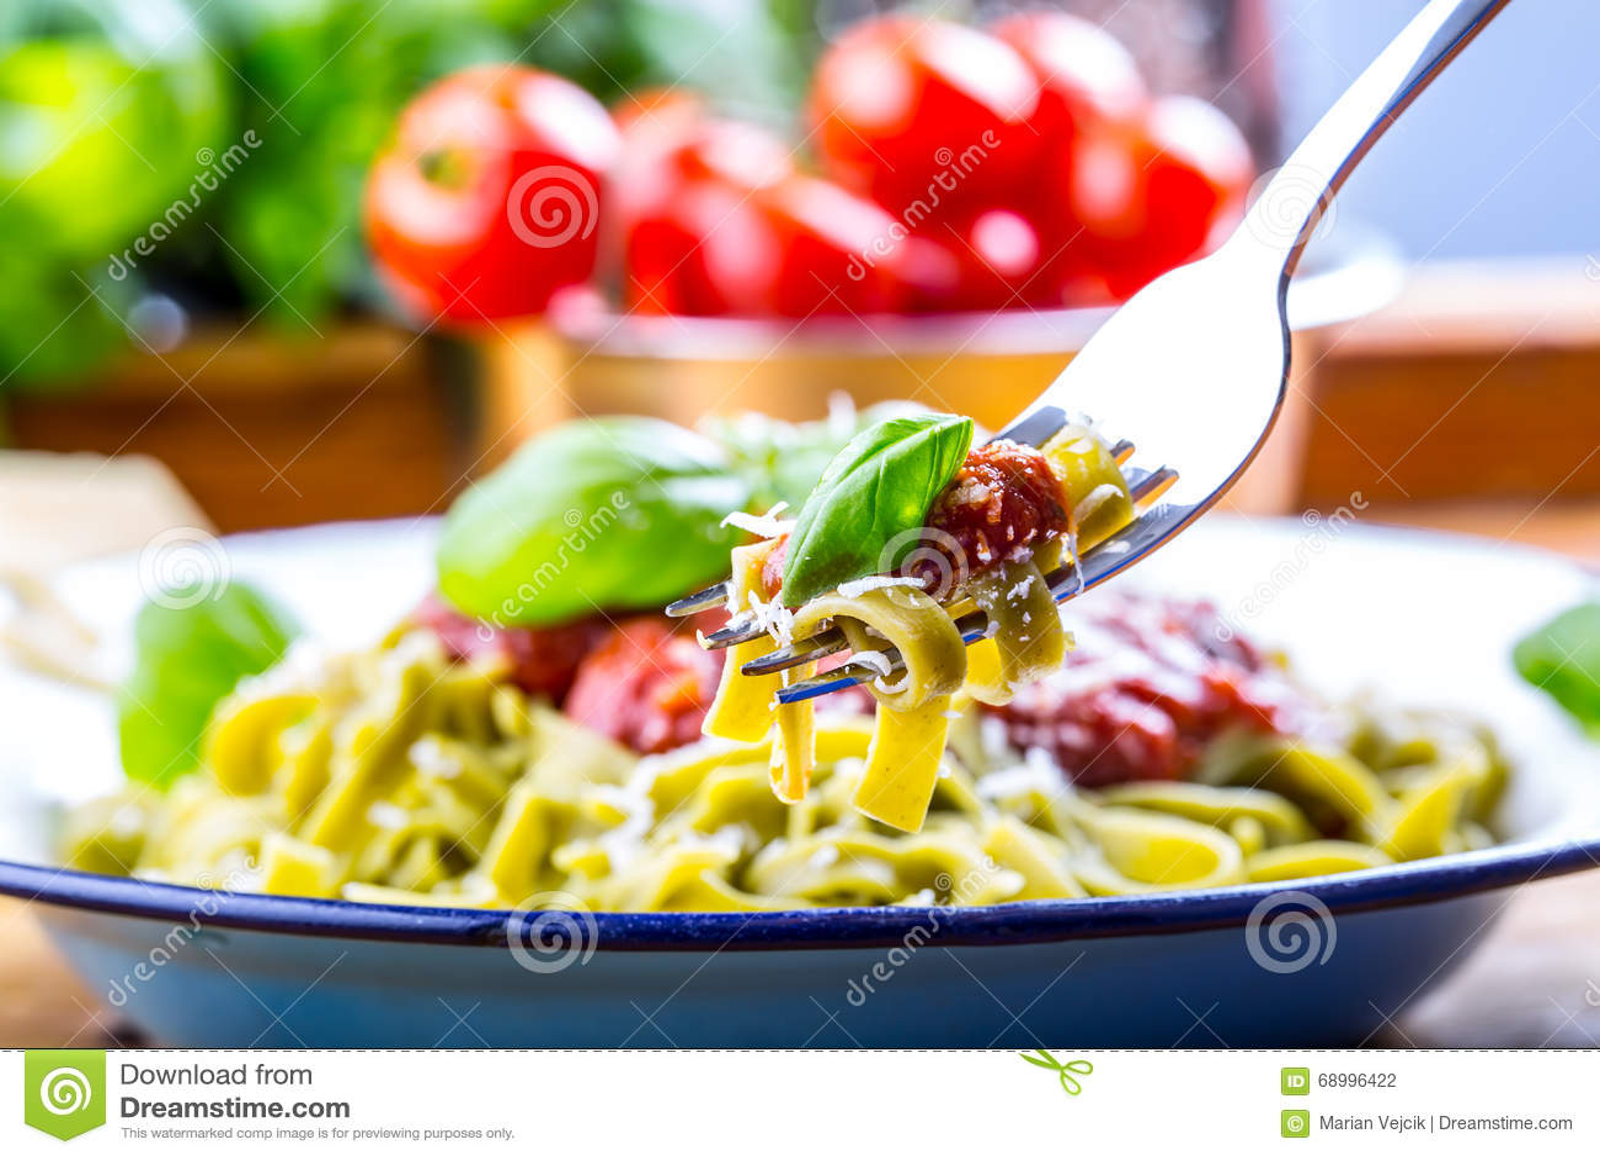 Makaron Włoska I śródziemnomorska Kuchnia Makaronu